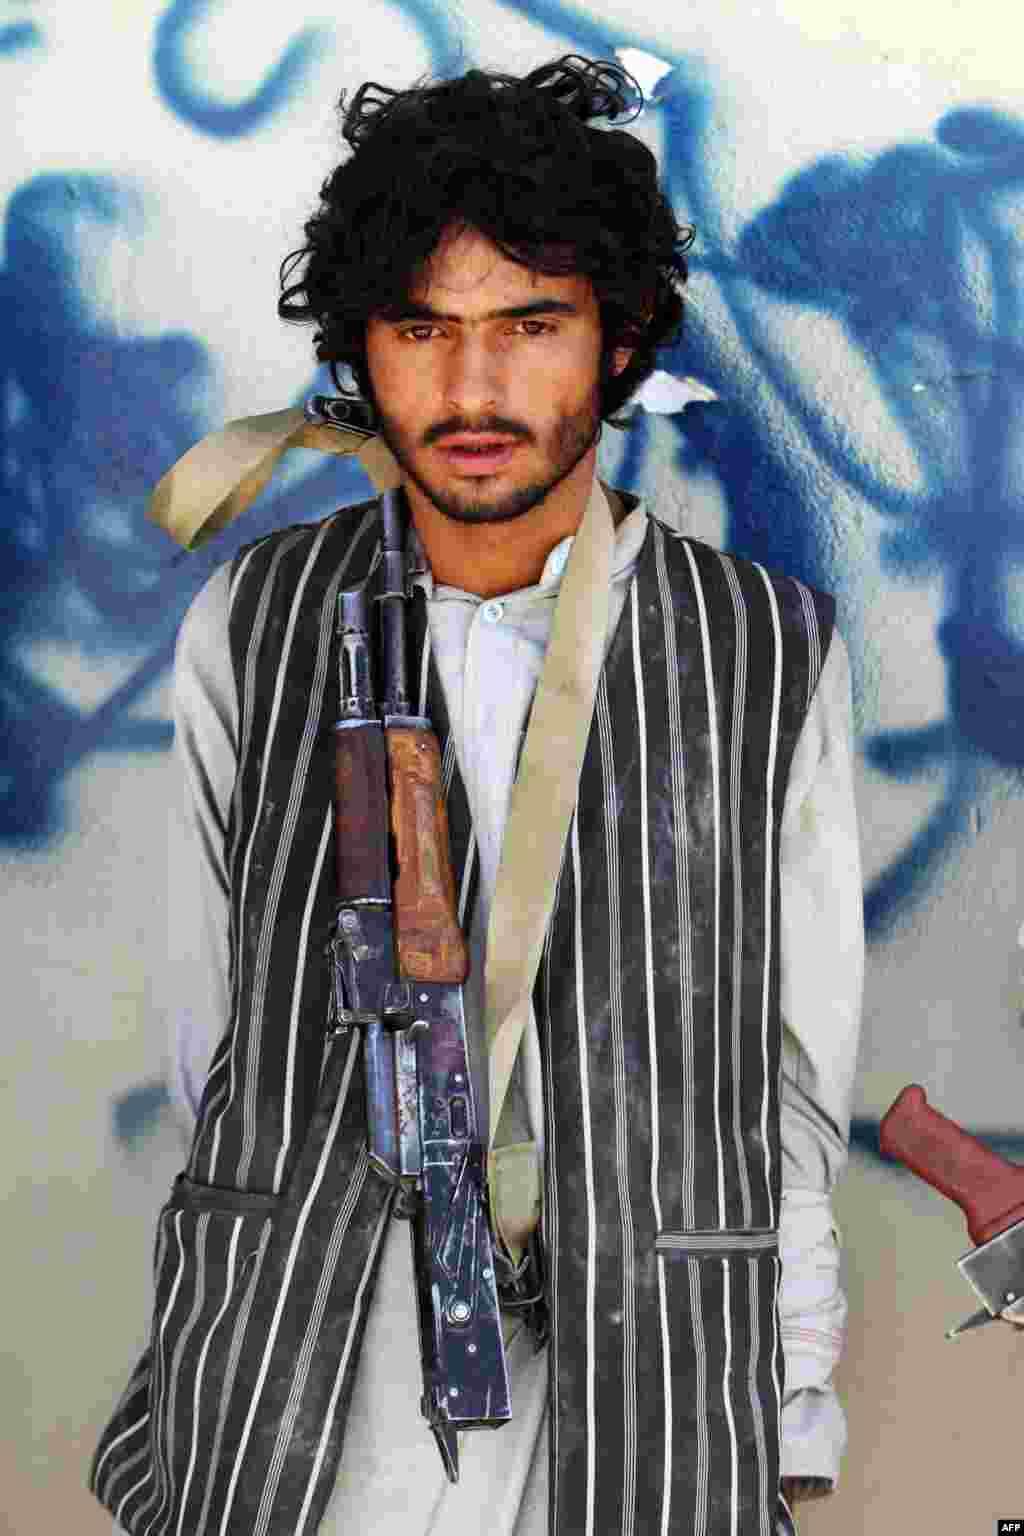 """На протяжении нескольких десятилетий американское правительство и страны НАТО поставляли оружие в Афганистан и Пакистан для борьбы с терроризмом. Но из утечек в СМИ стало известно, что на сухопутные конвои регулярно нападаютталибы. Они отбивают оружие и специальное обмундирование, включая военные компьютеры, приборы ночного видения и инфракрасные метки, которые позволяют отличить своих от врагов. На фото – боевик движения """"Талибан"""", арестованный афганскими военными в Кандагаре. Май 2013 года"""